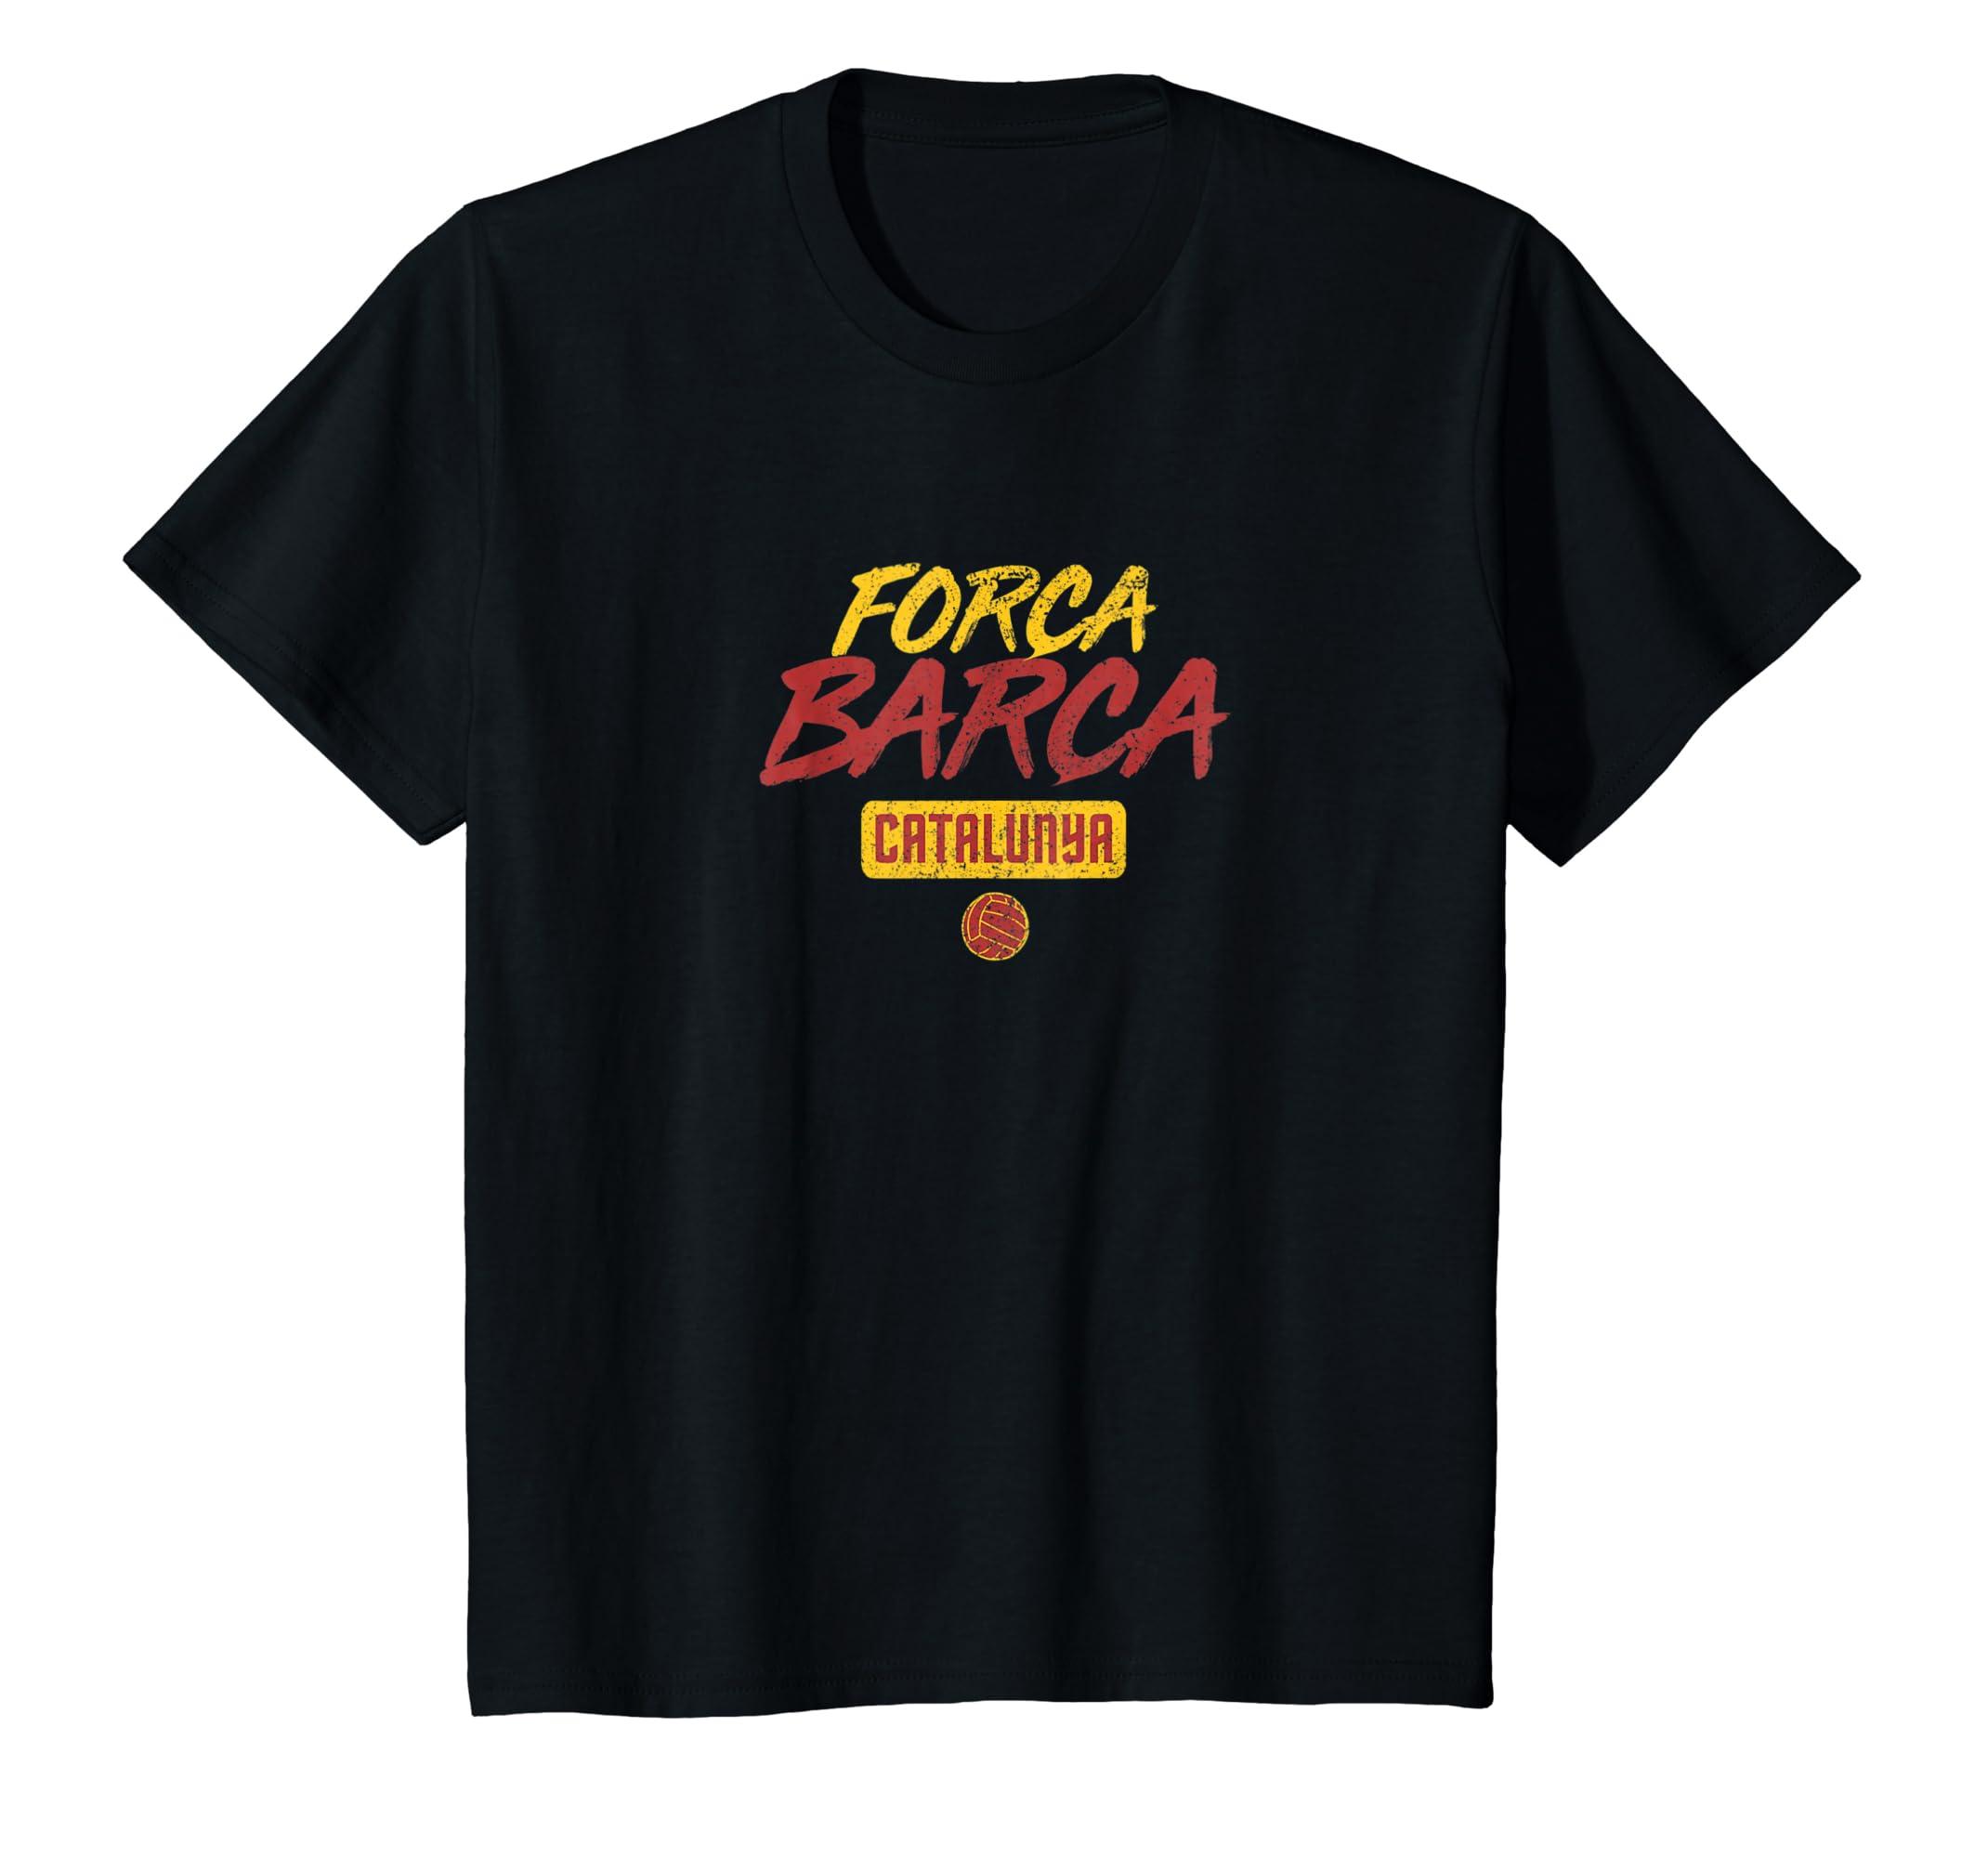 bb596895d17dac Barcelona fan shirt forca barca fan tee clothing png 2140x2000 Forca barca  font